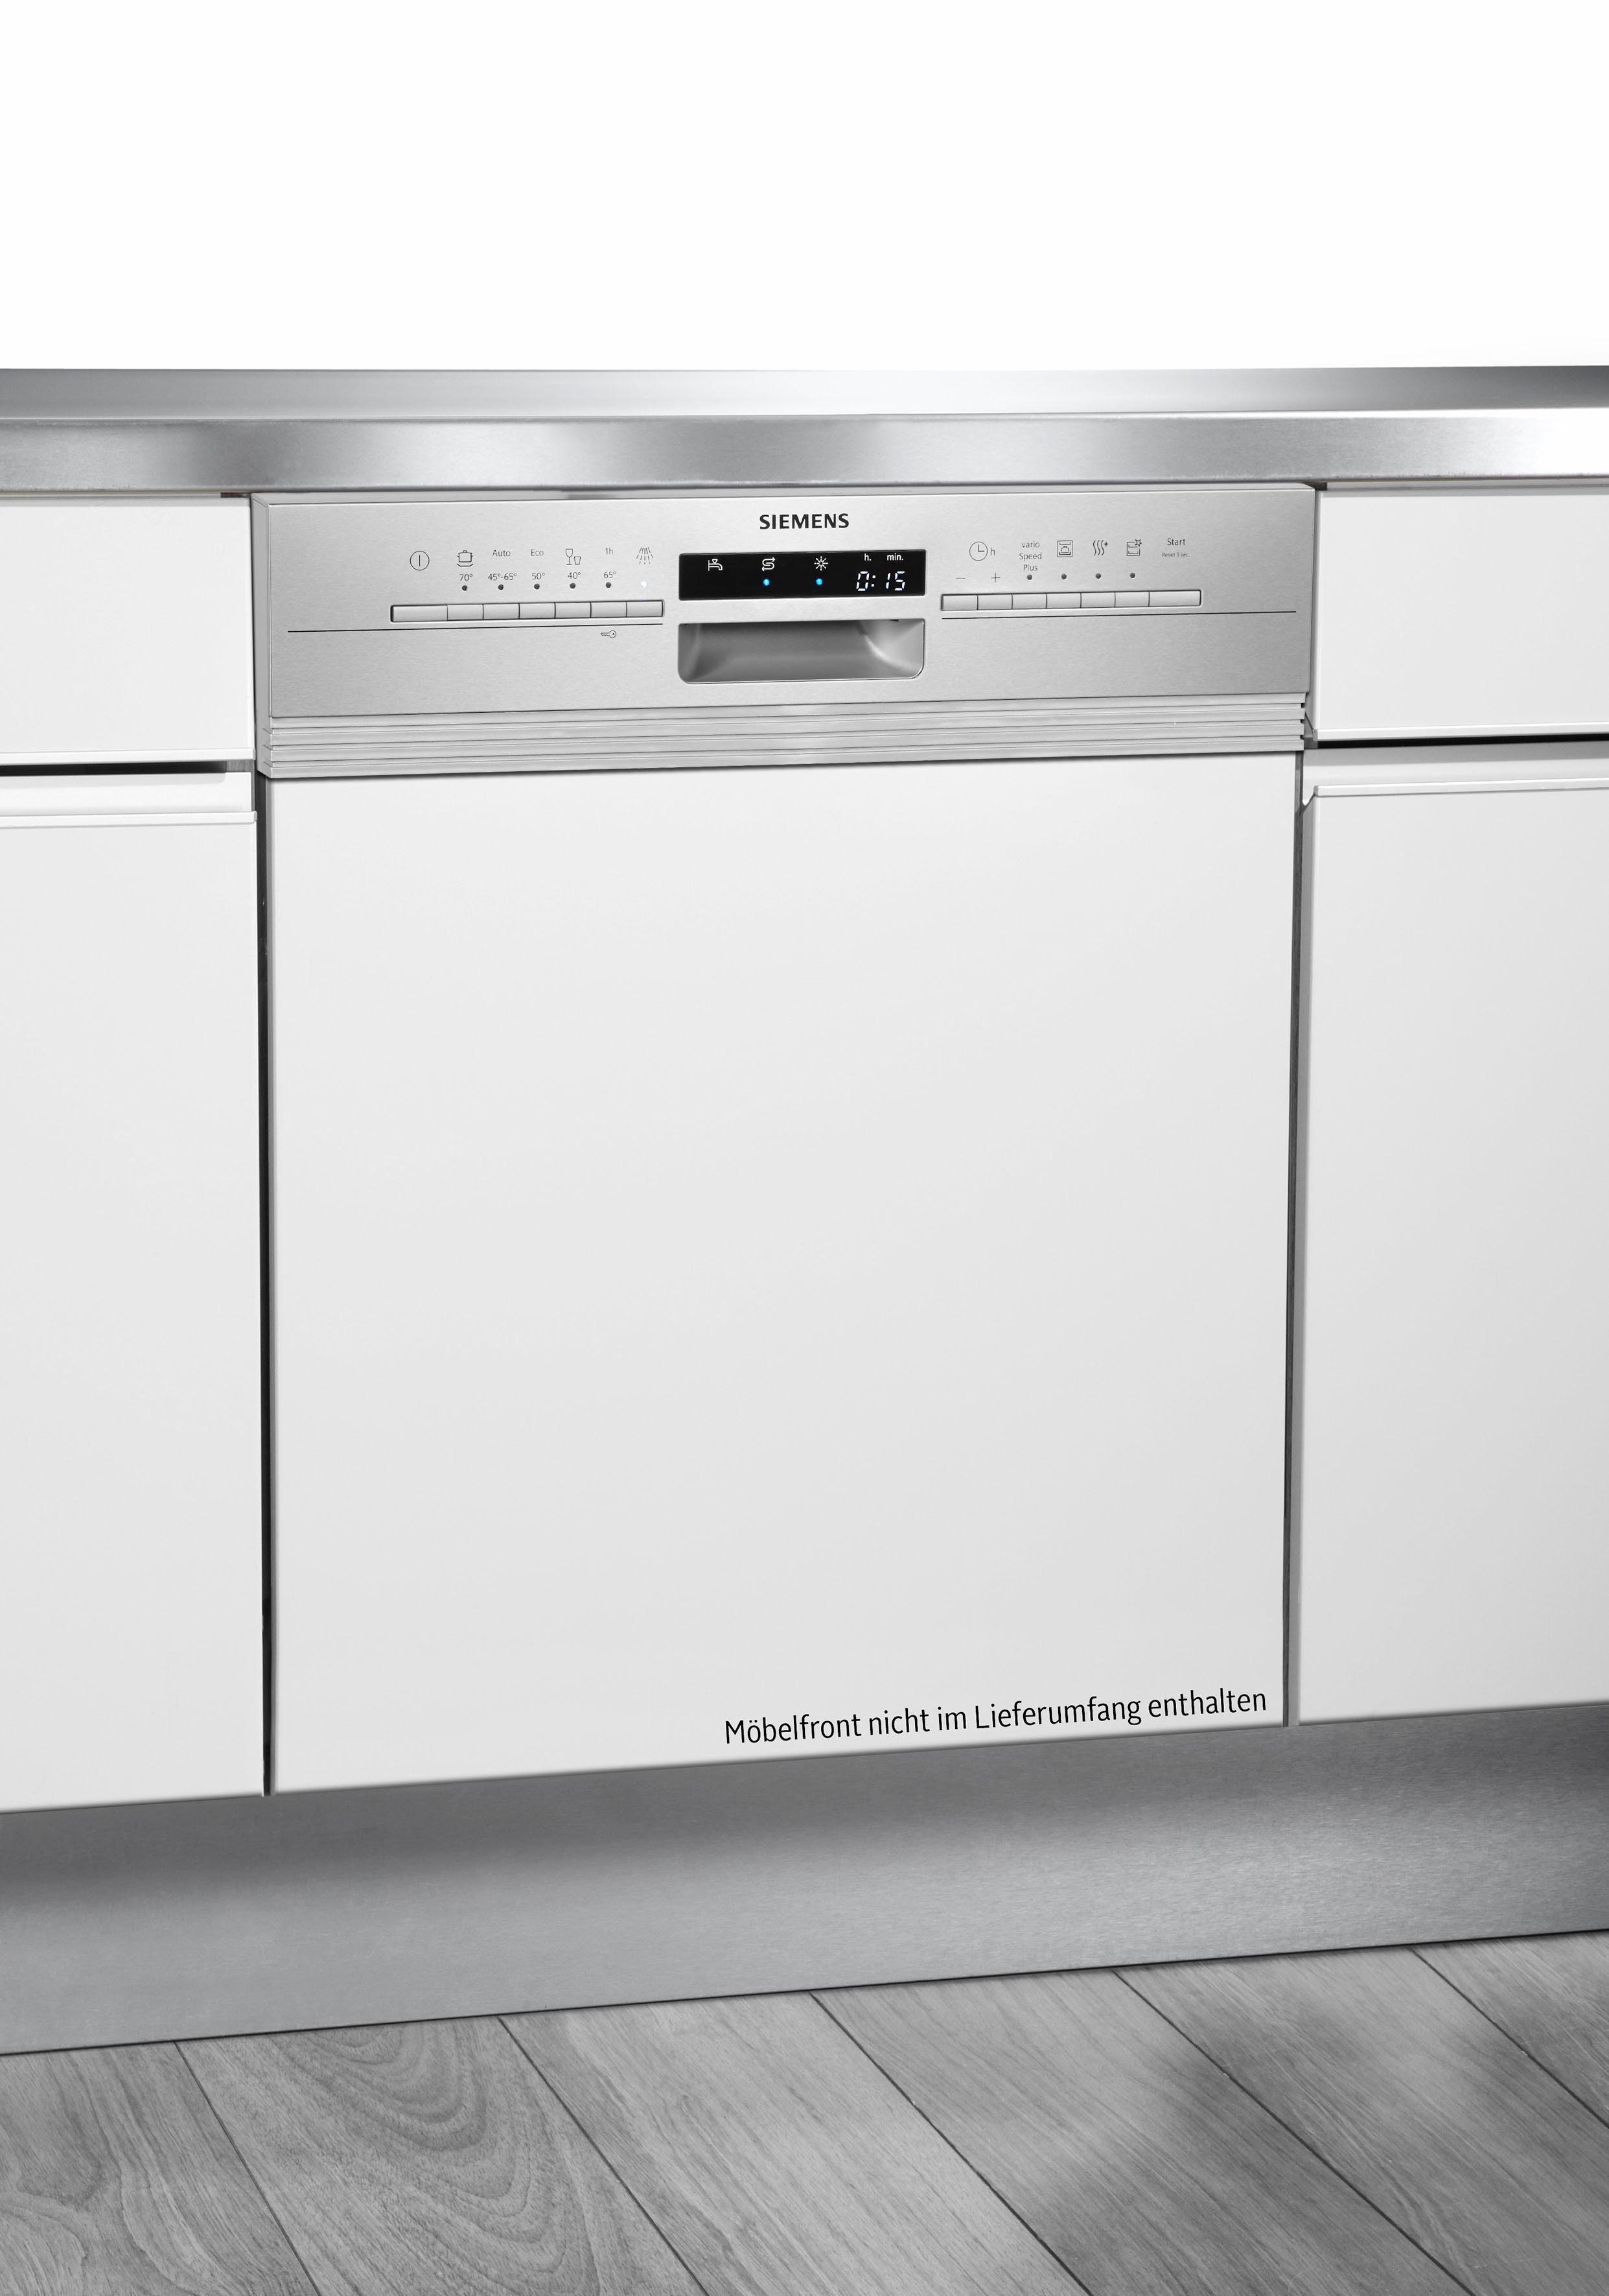 SIEMENS Teilintegrierbarer Geschirrspüler iQ300 SX536S03ME, A++, 9,5 Liter, 14 Maßgedecke